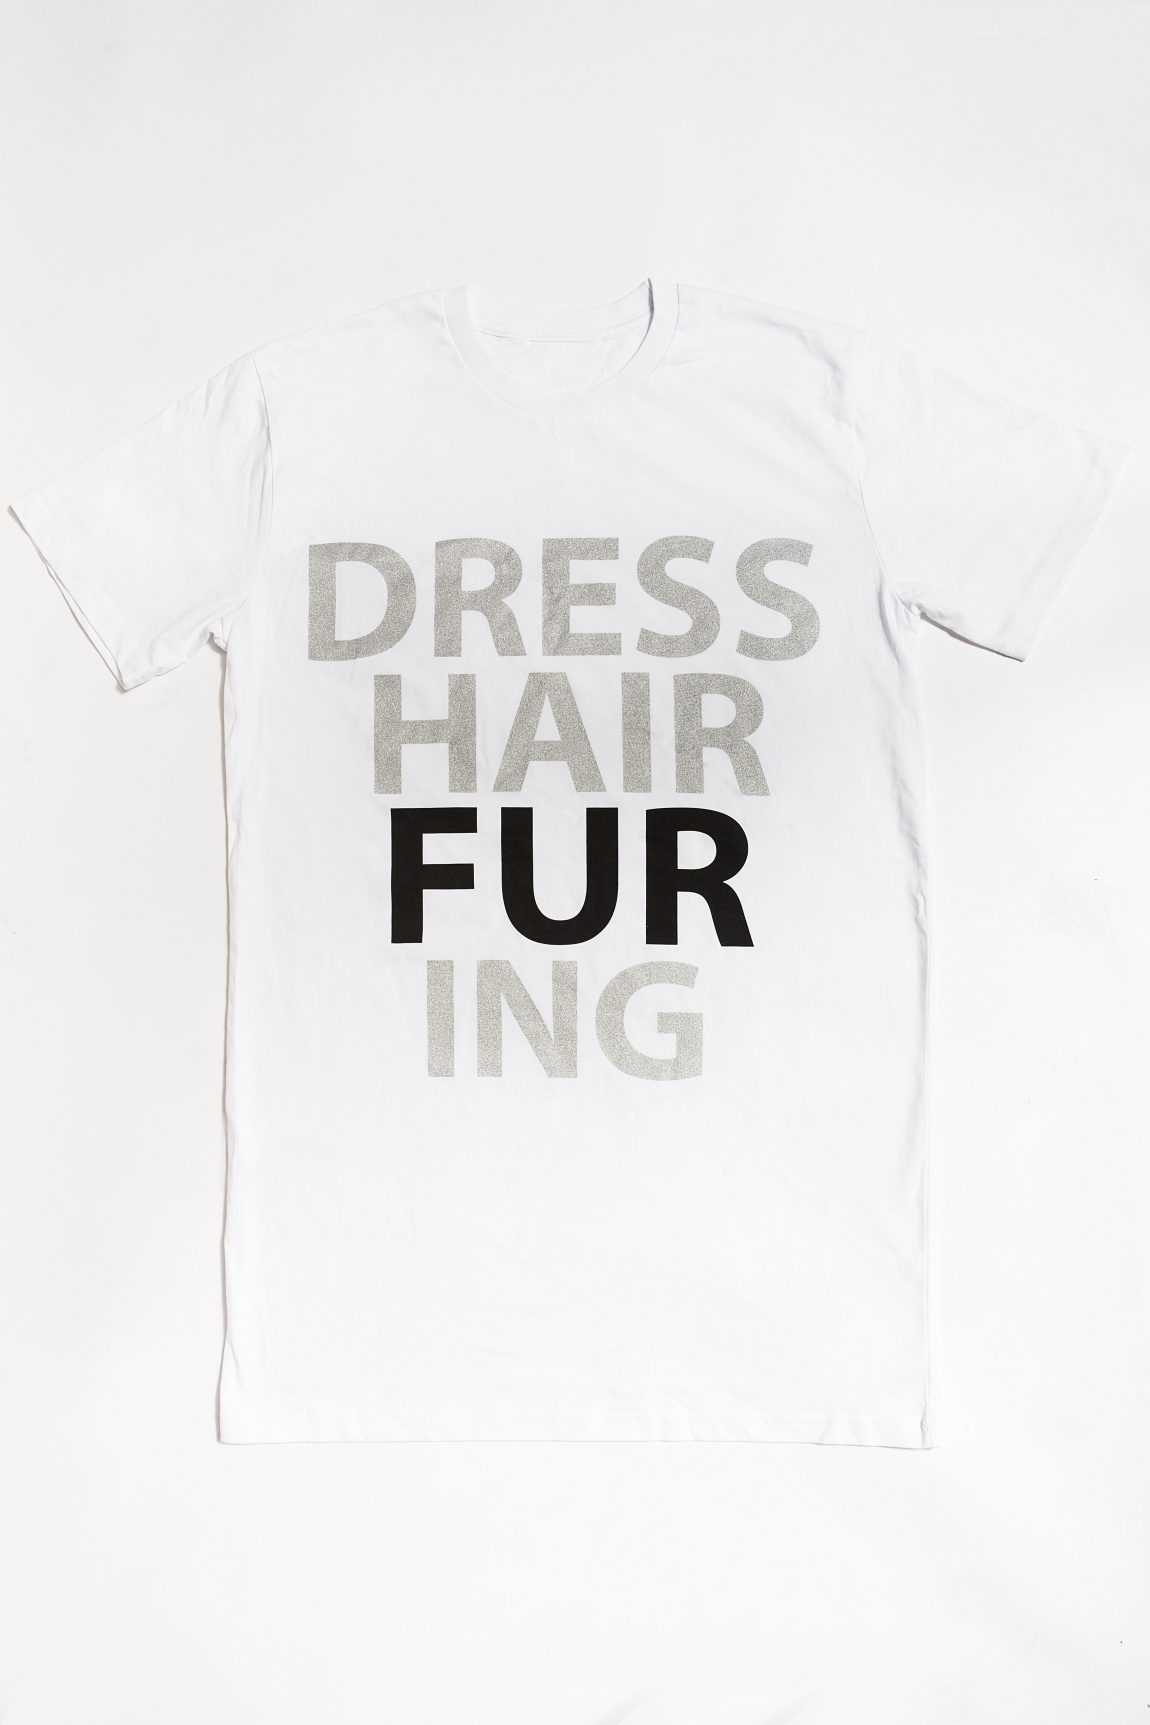 DRESS-HAIR-FUR-ING T-shirt – White